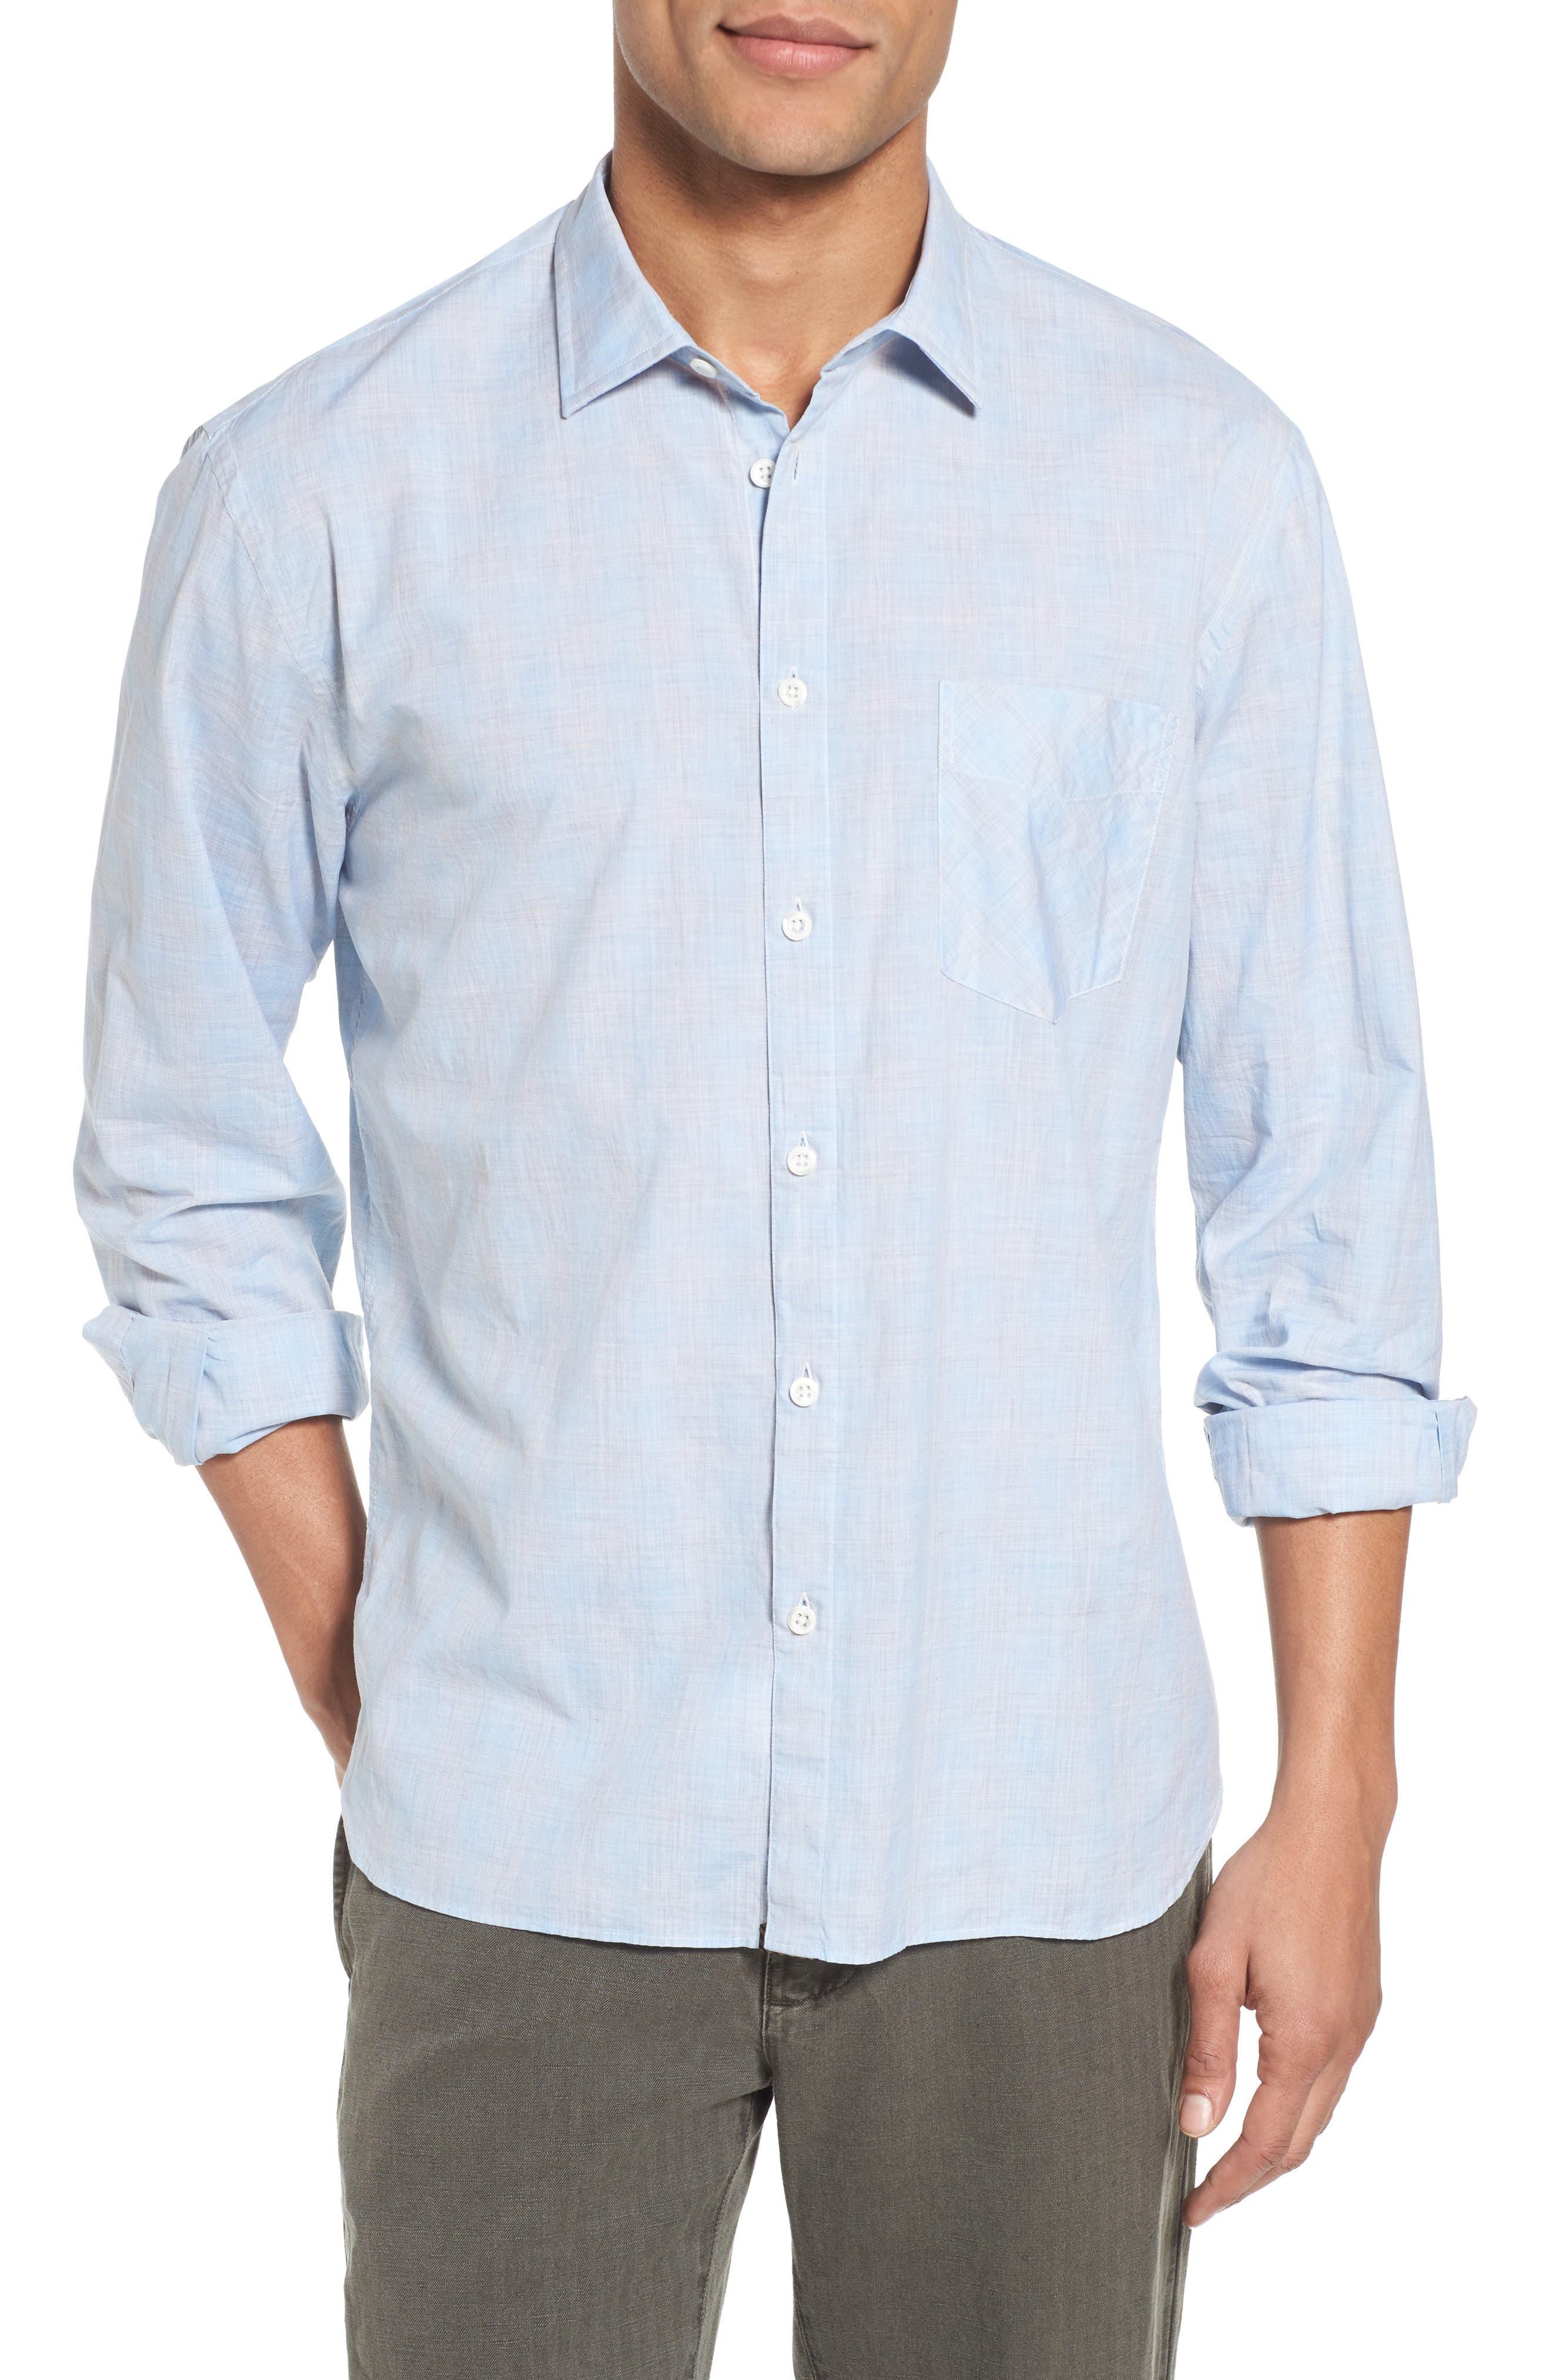 John T Slim Fit Sport Shirt,                             Main thumbnail 1, color,                             Light Blue